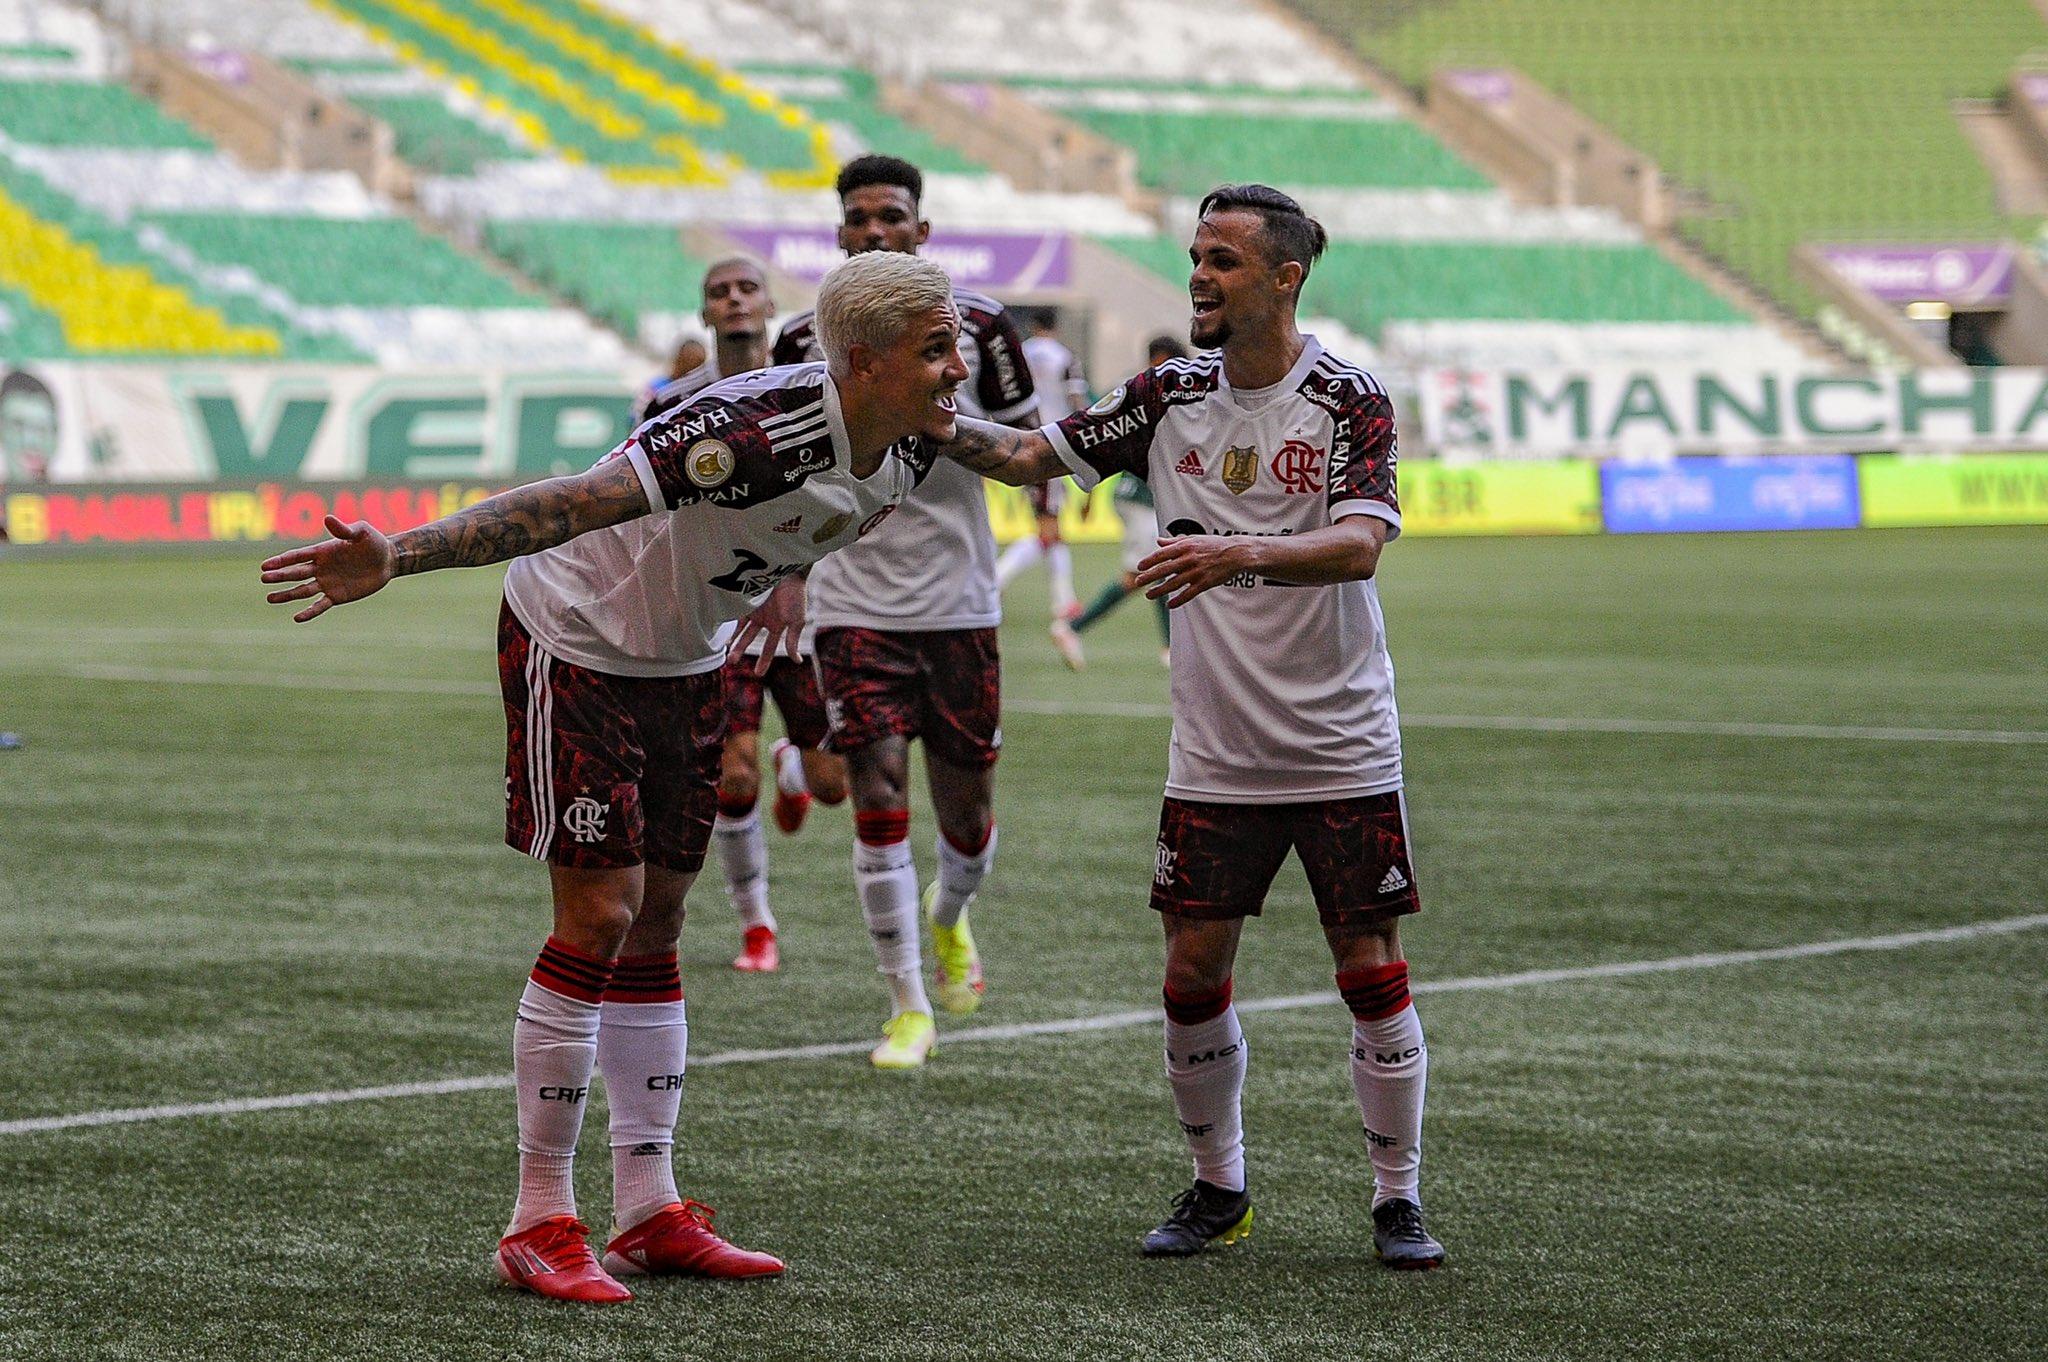 [COMENTE] Como você avalia o desempenho do Flamengo na vitória diante do Palmeiras?